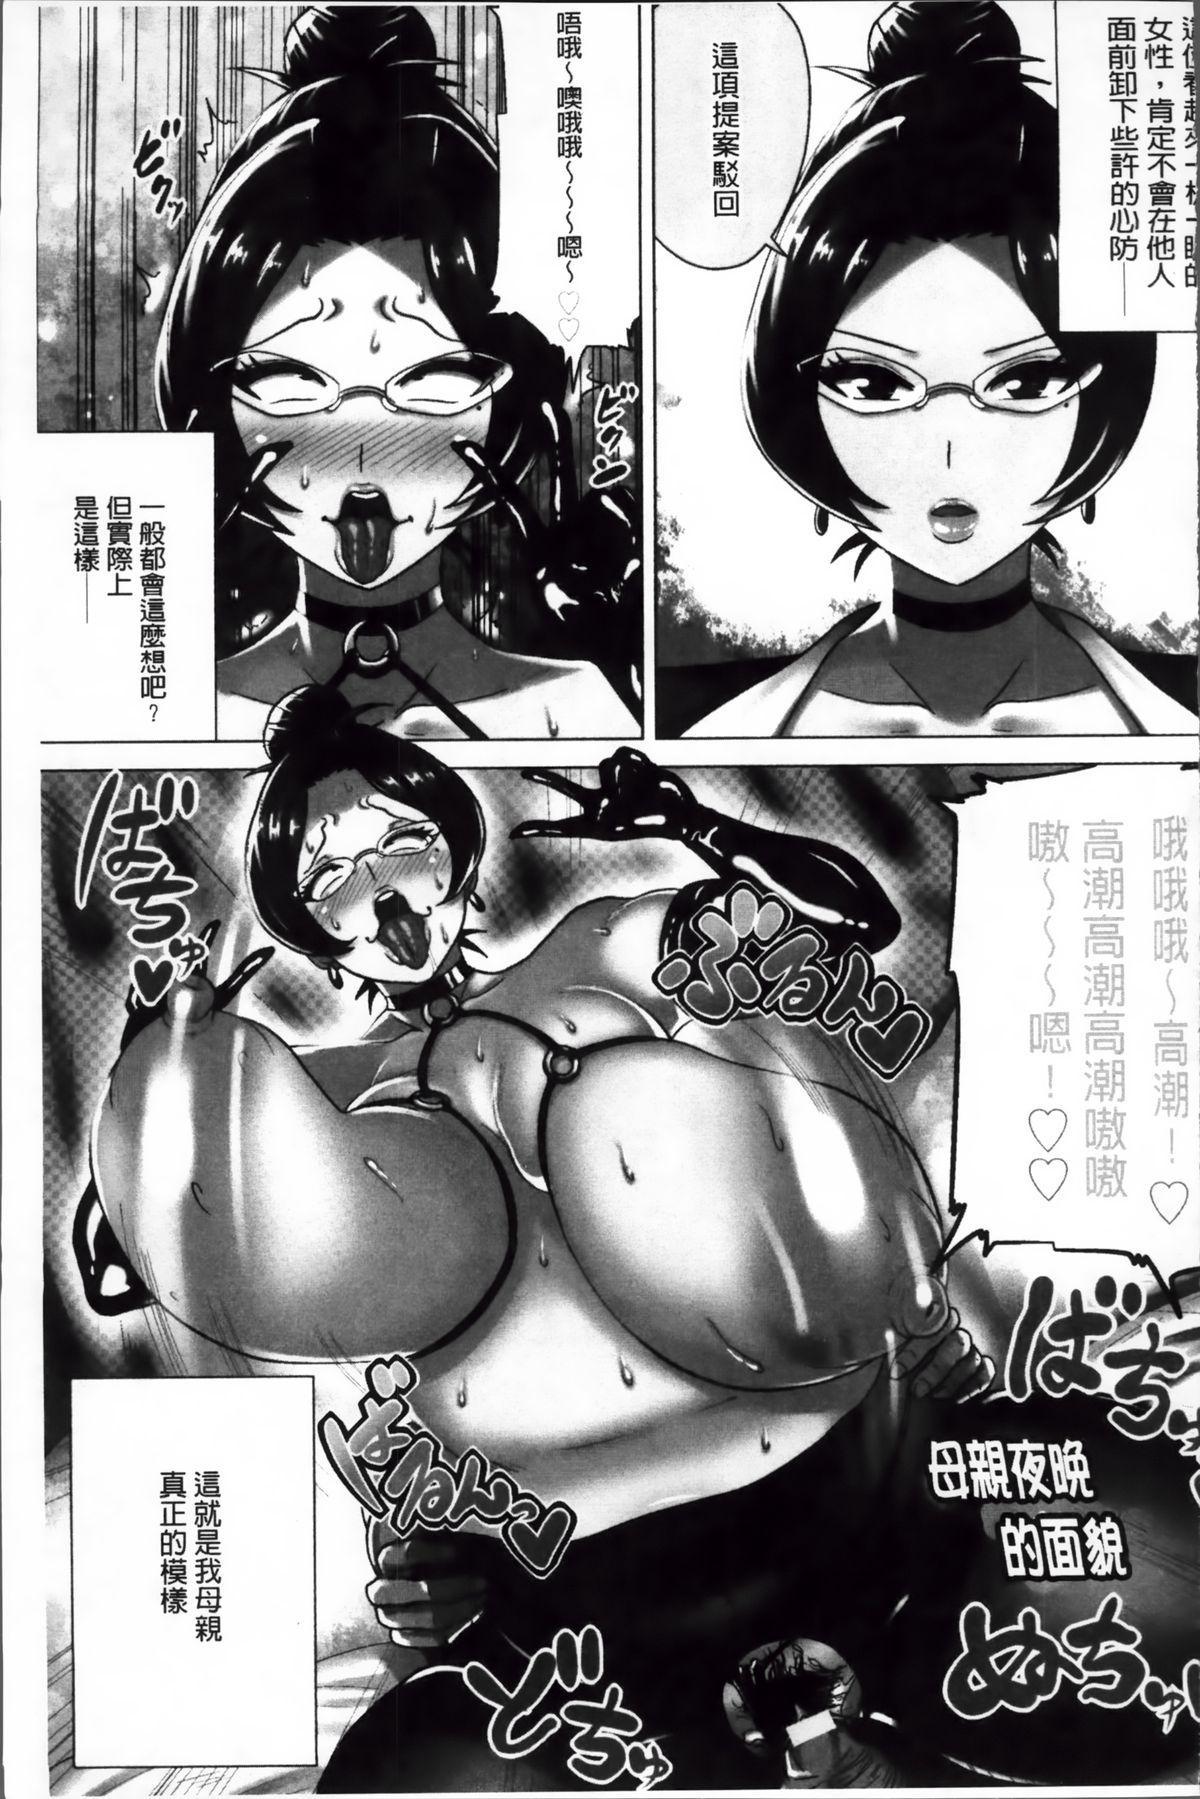 Megabody Night - Watashi no Oniku o Meshiagare 94